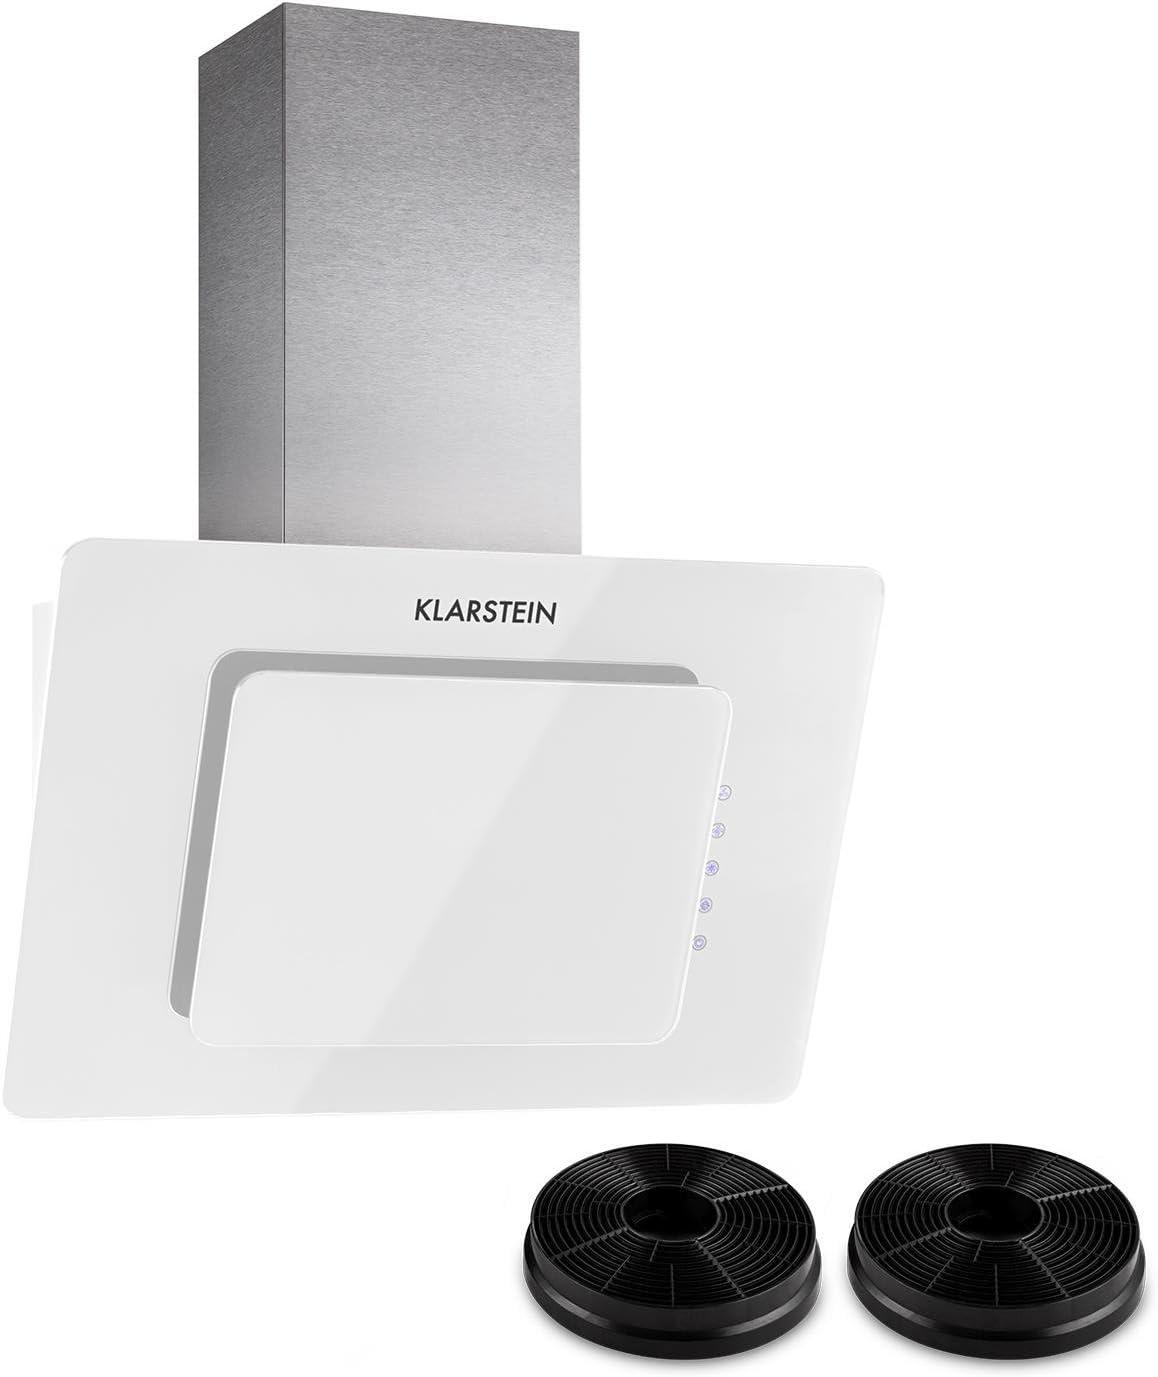 Klarstein Lorea 60 campana extractora con filtro de carbón activo - Extractor de humos, 280 m³/h, Vidrio frontal, Circulación de aire, Control táctil, Iluminación LED, 3 niveles, Blanco